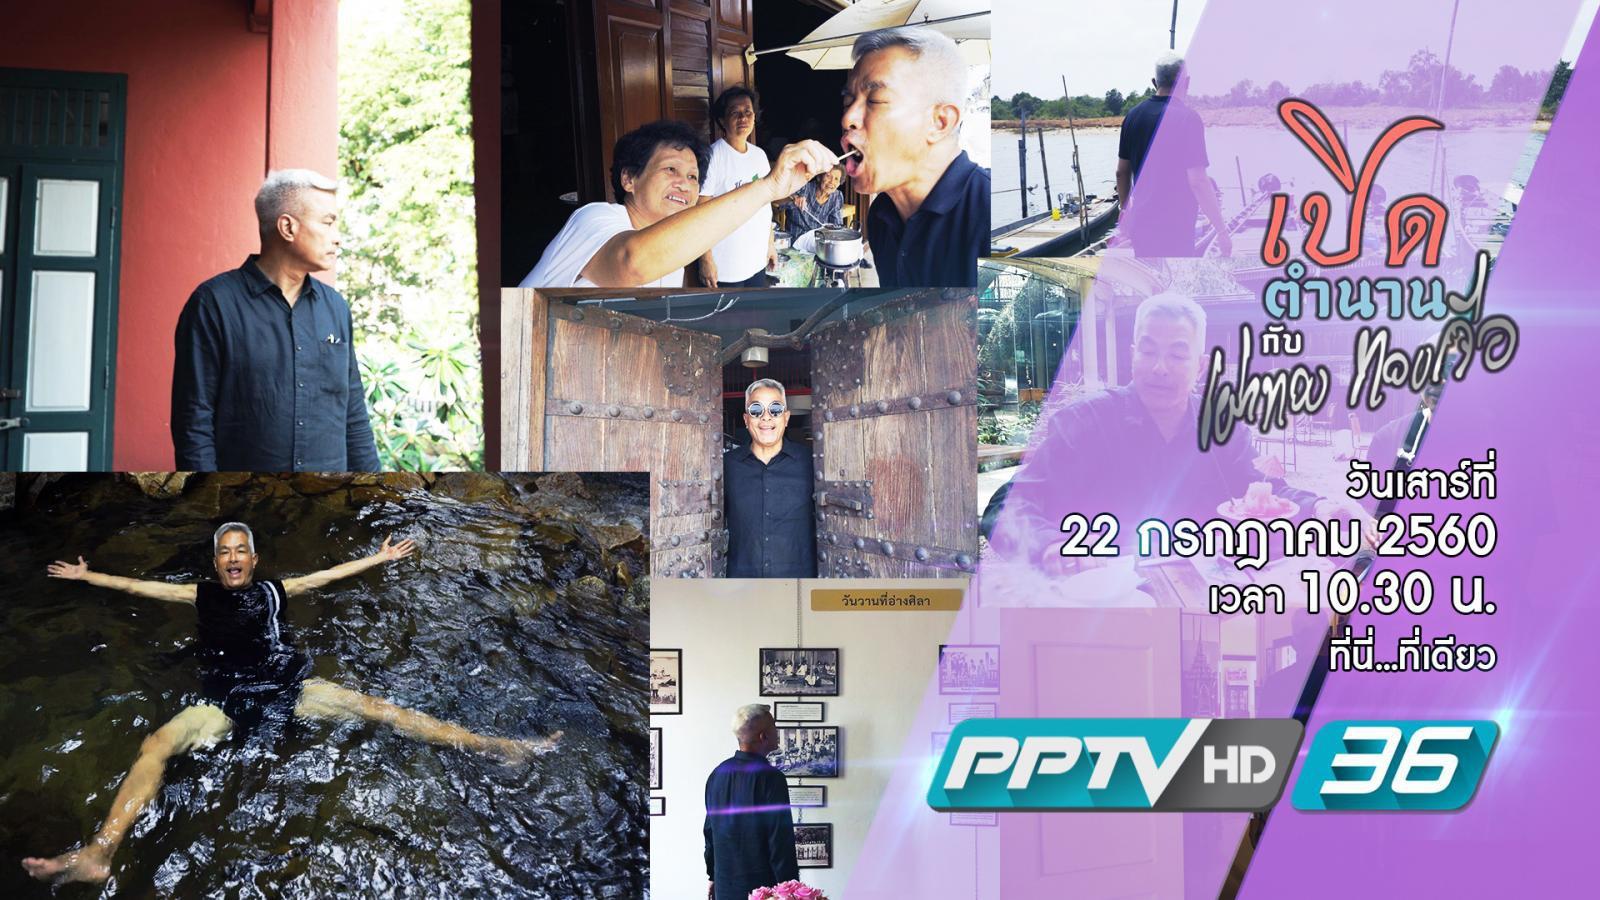 EP.163 ตอน หนองมน จันทบุรี